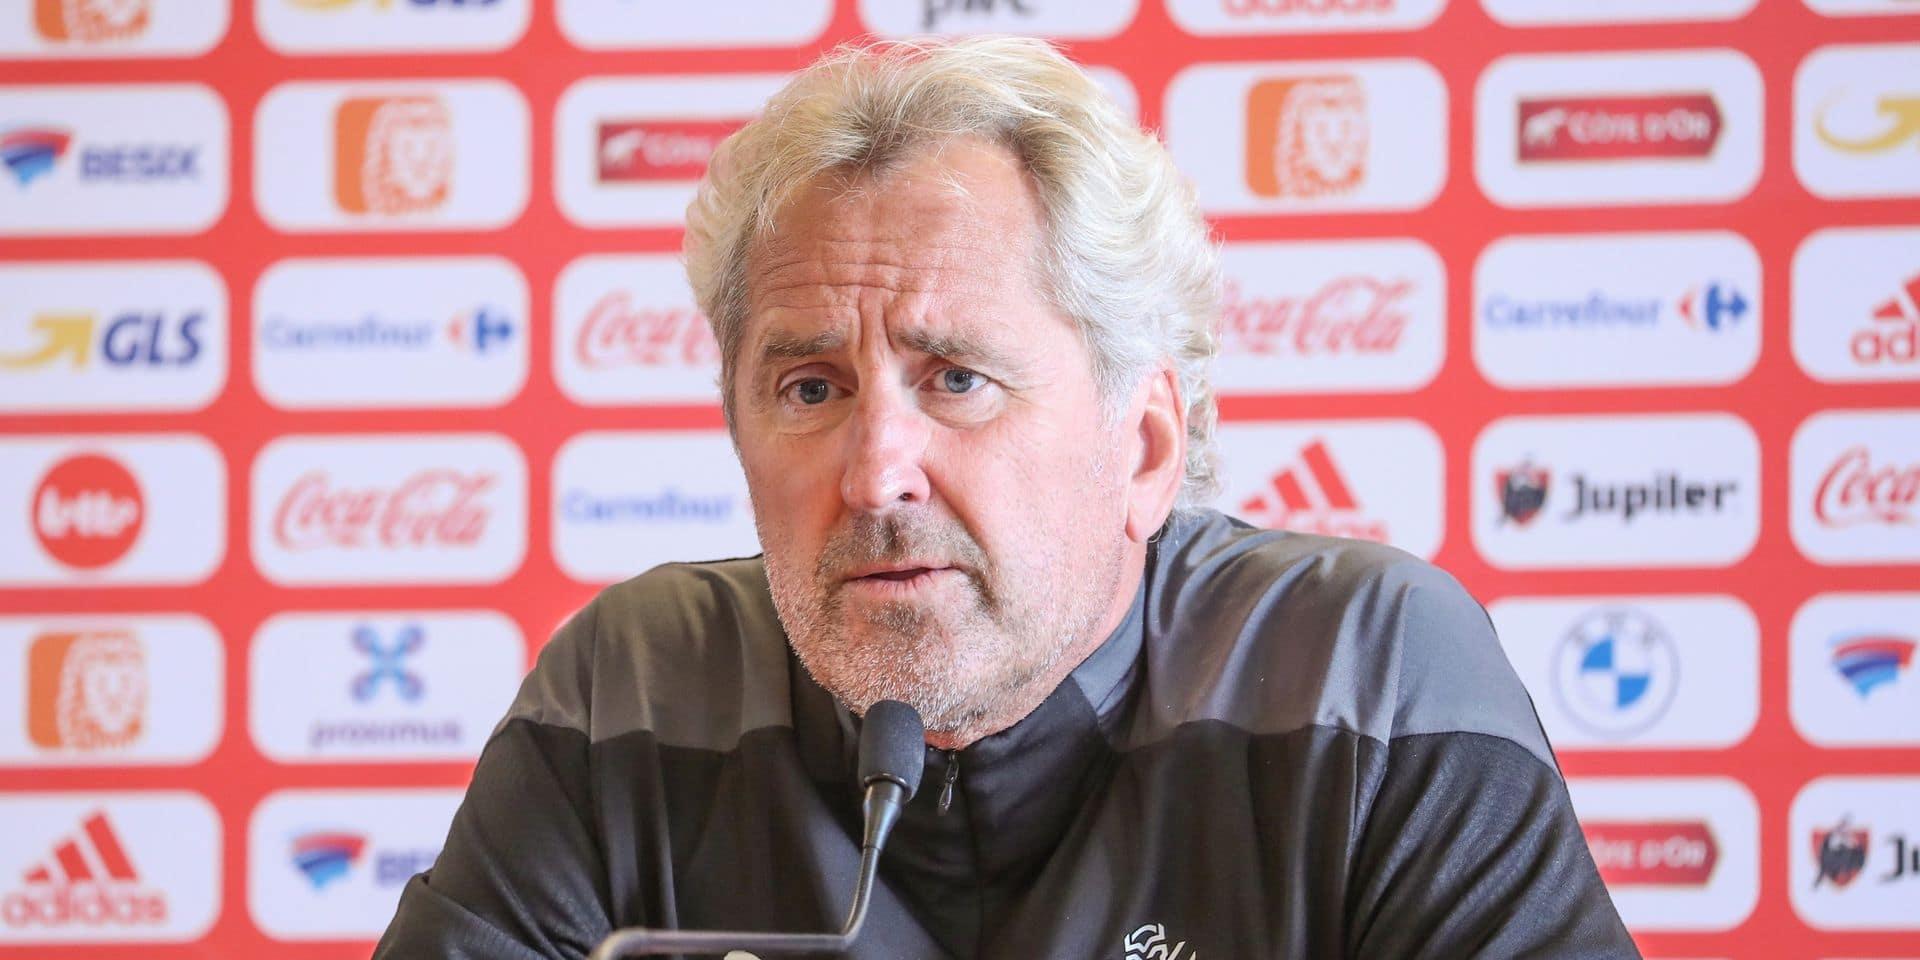 """Erik Hamrén, sélectionneur de l'Islande, avant d'affonter les Diables: """"La Belgique, c'est ce qui se fait de mieux"""""""